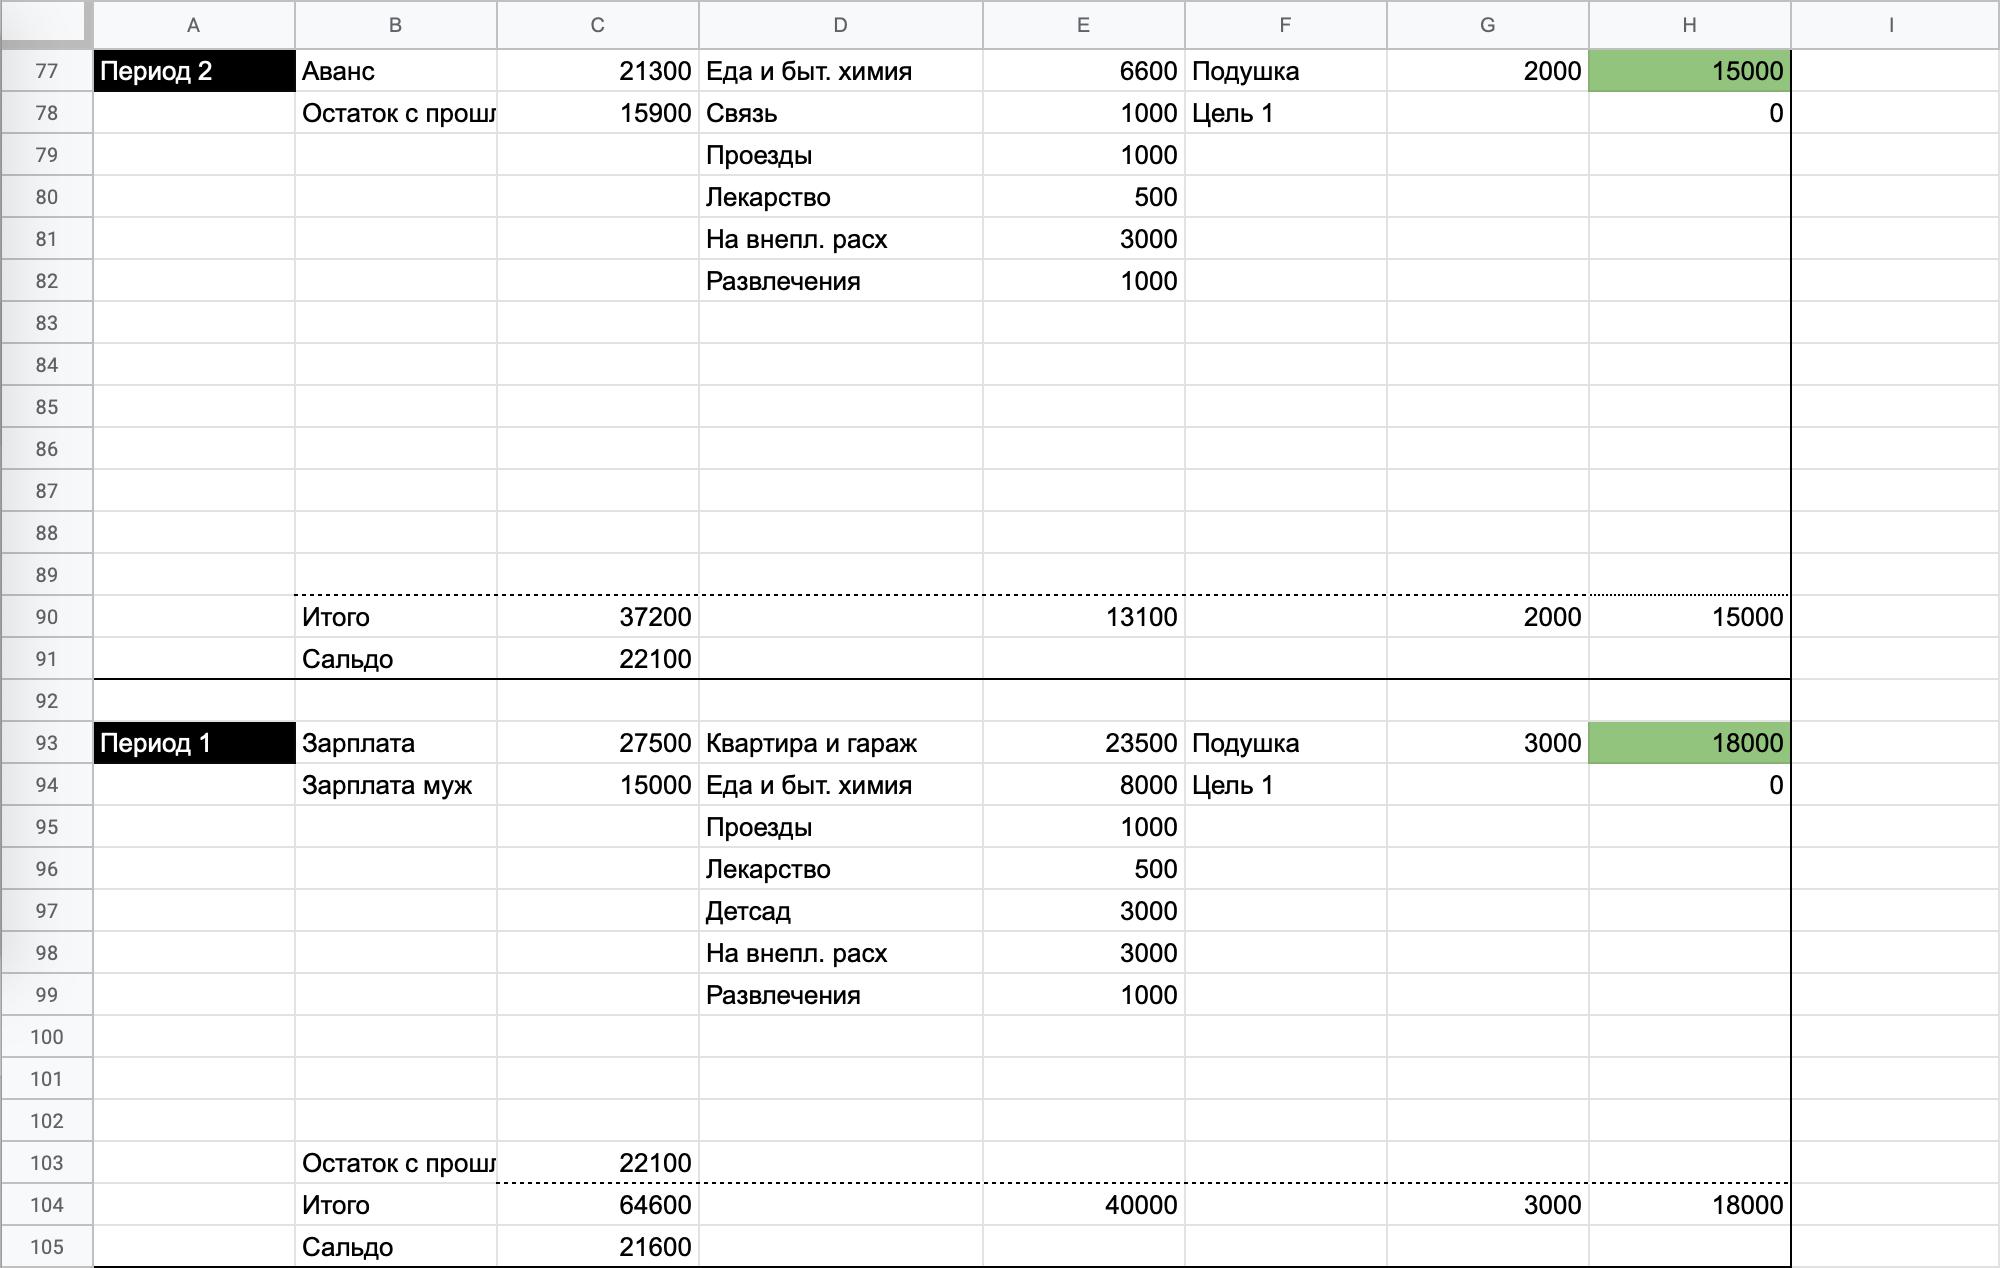 Вот так выглядит таблица сейчас. Сальдо показывает размер долга на кредитке